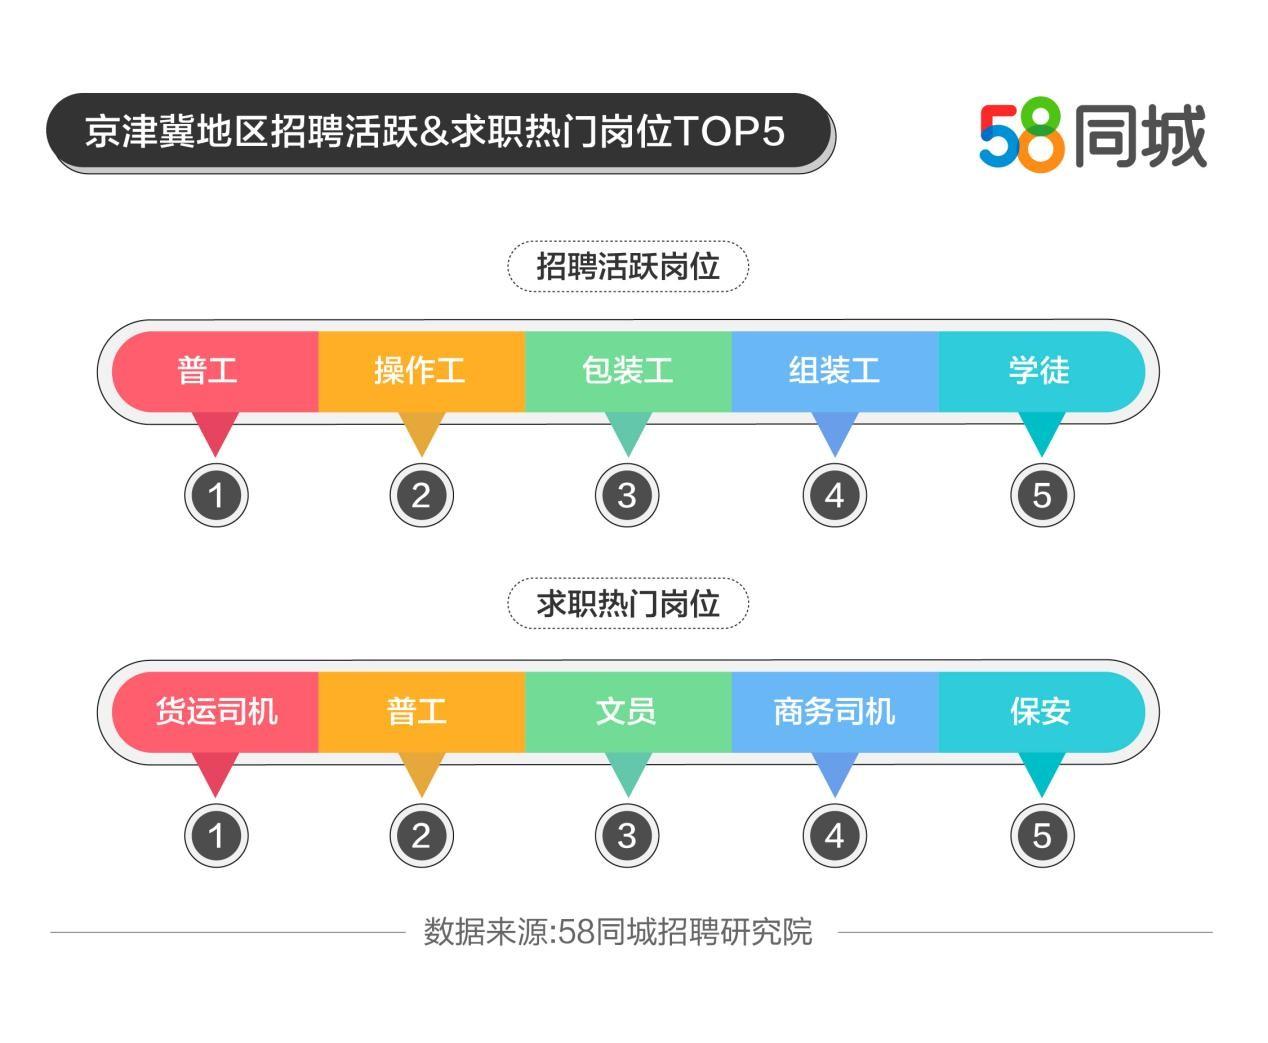 58同城发布京津冀就业大数据:北京招聘求职活跃度双高,京津冀平均月薪7850元